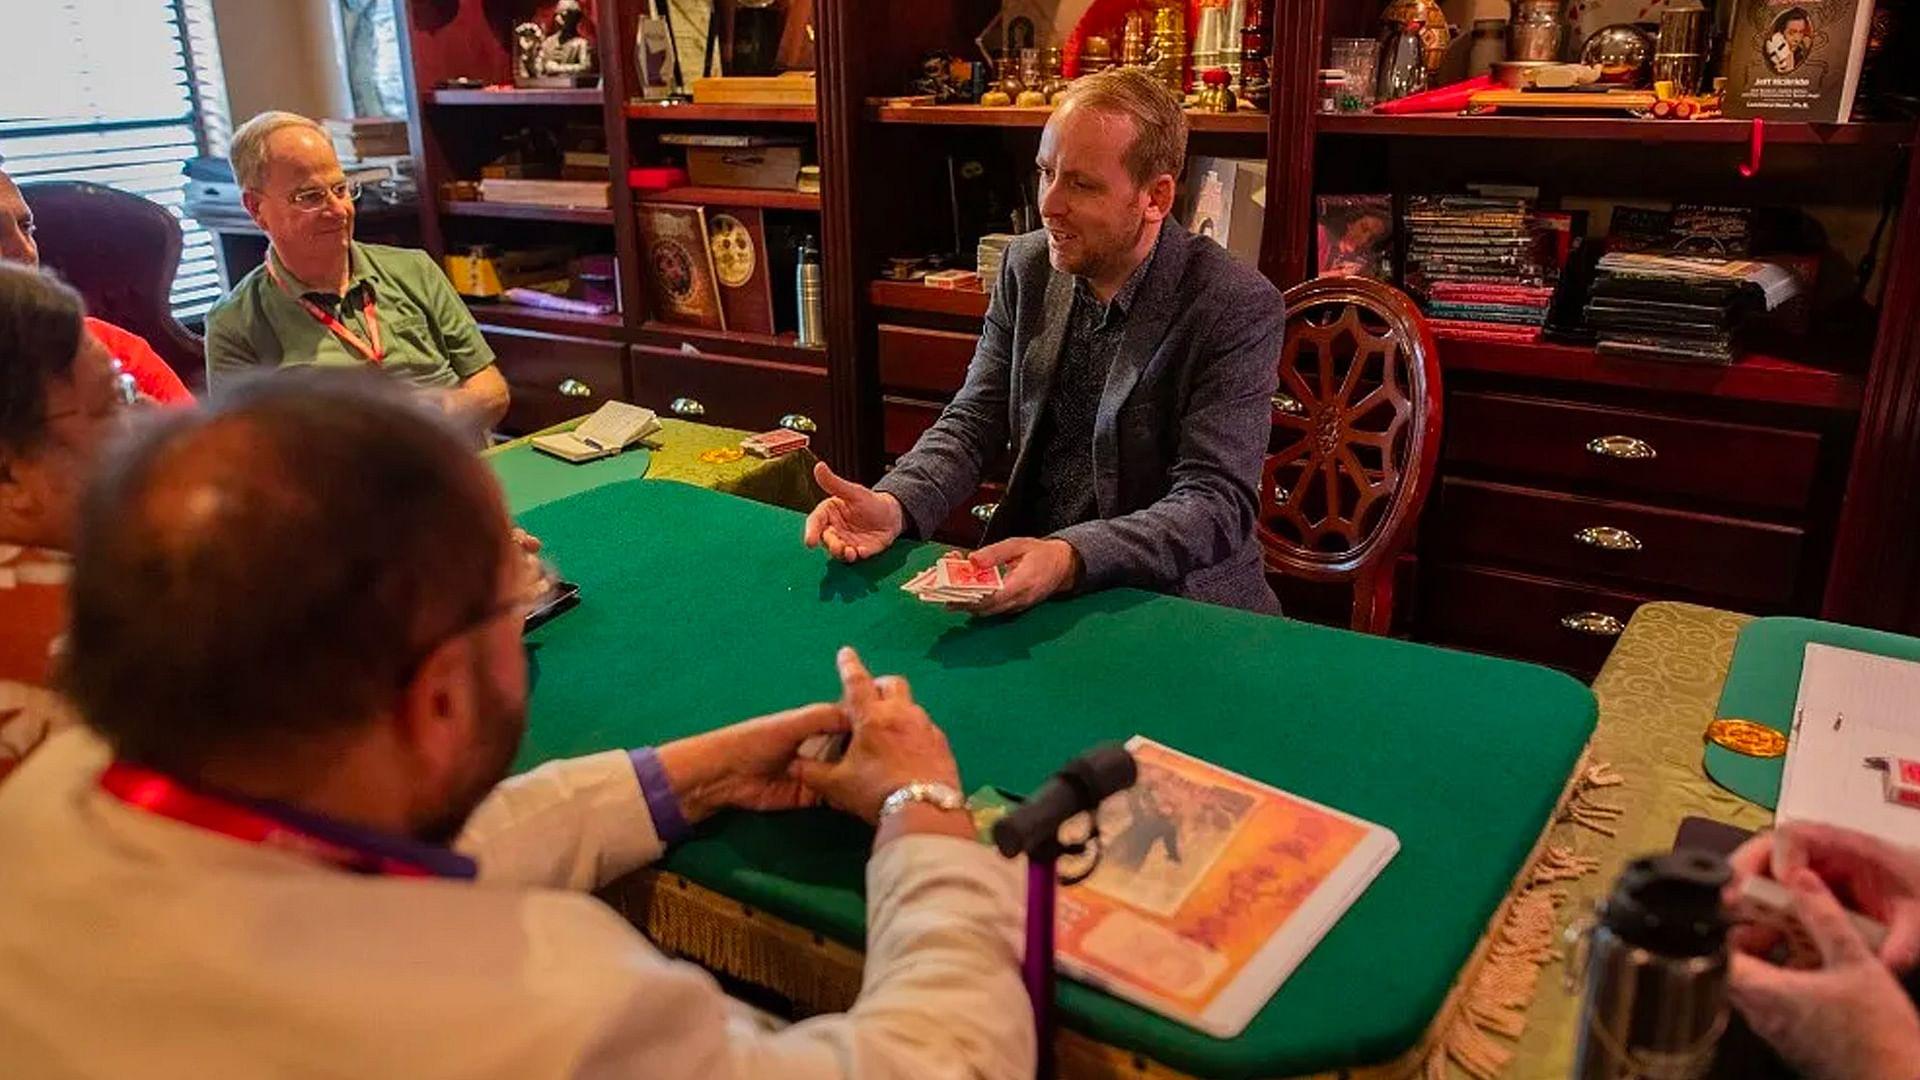 Where Can I Learn Magic Tricks?